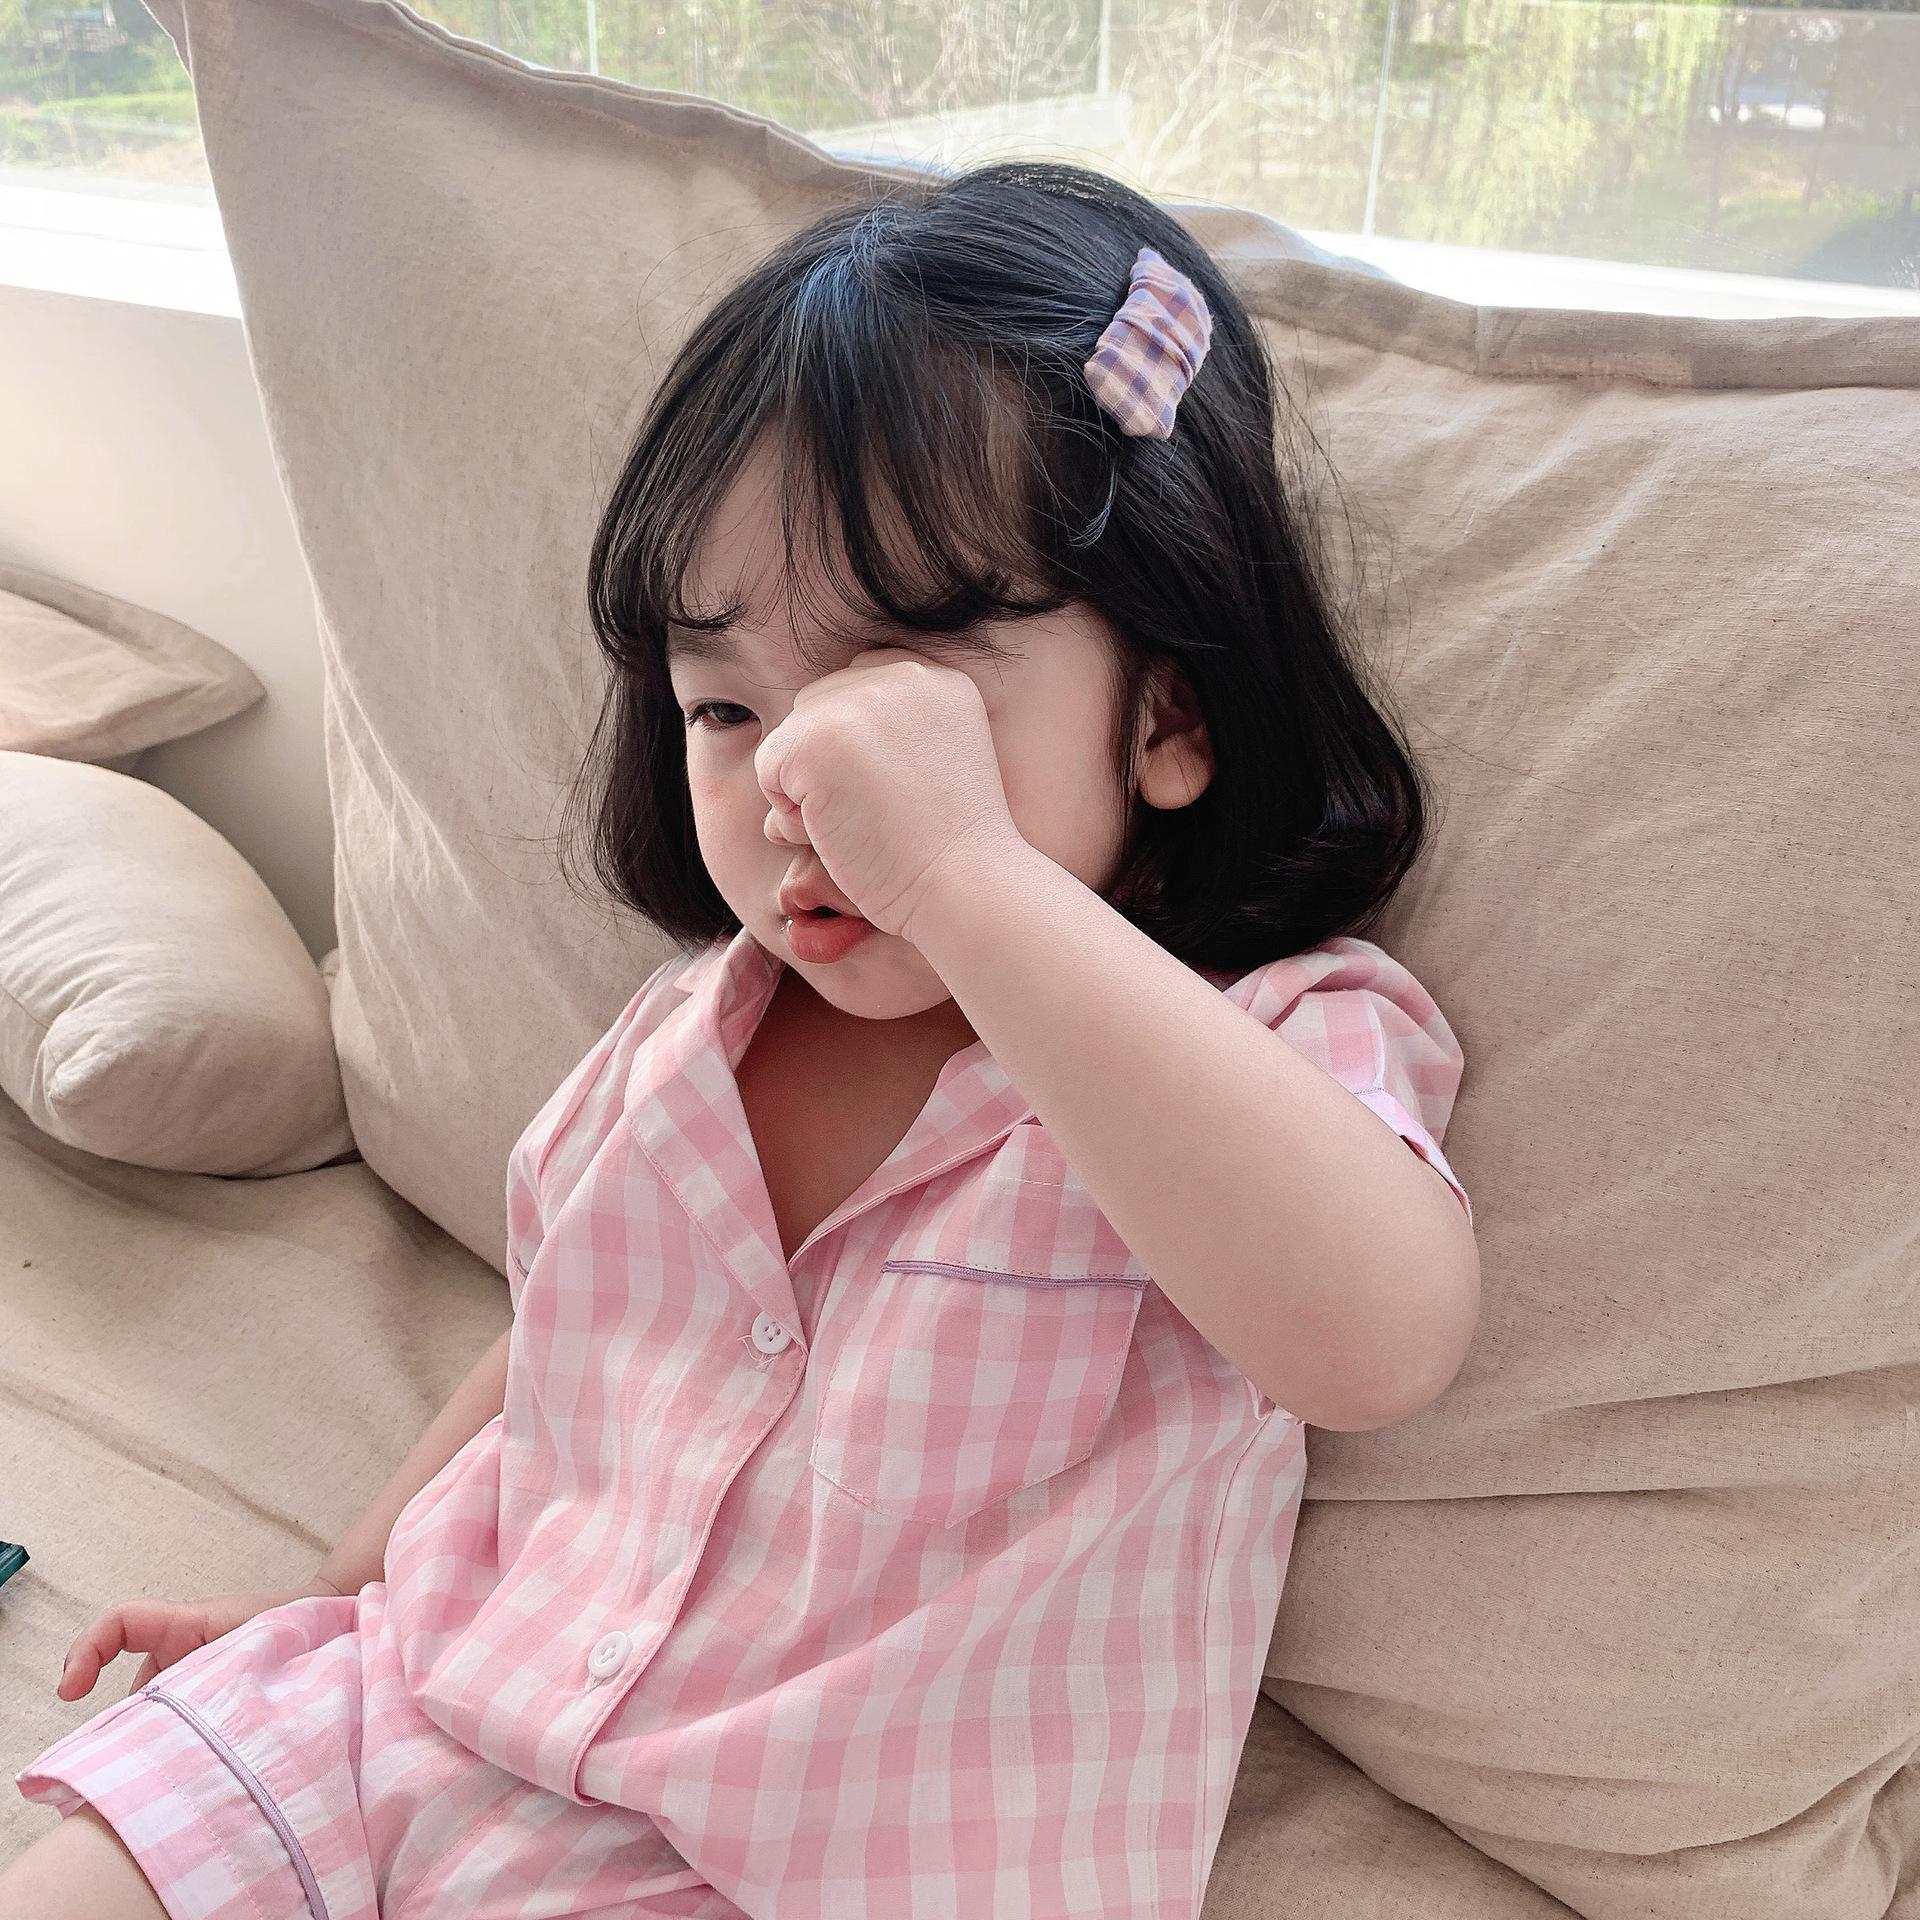 女童夏装睡衣套装洋气2021新款儿童格子休闲韩版夏装家居服套装潮